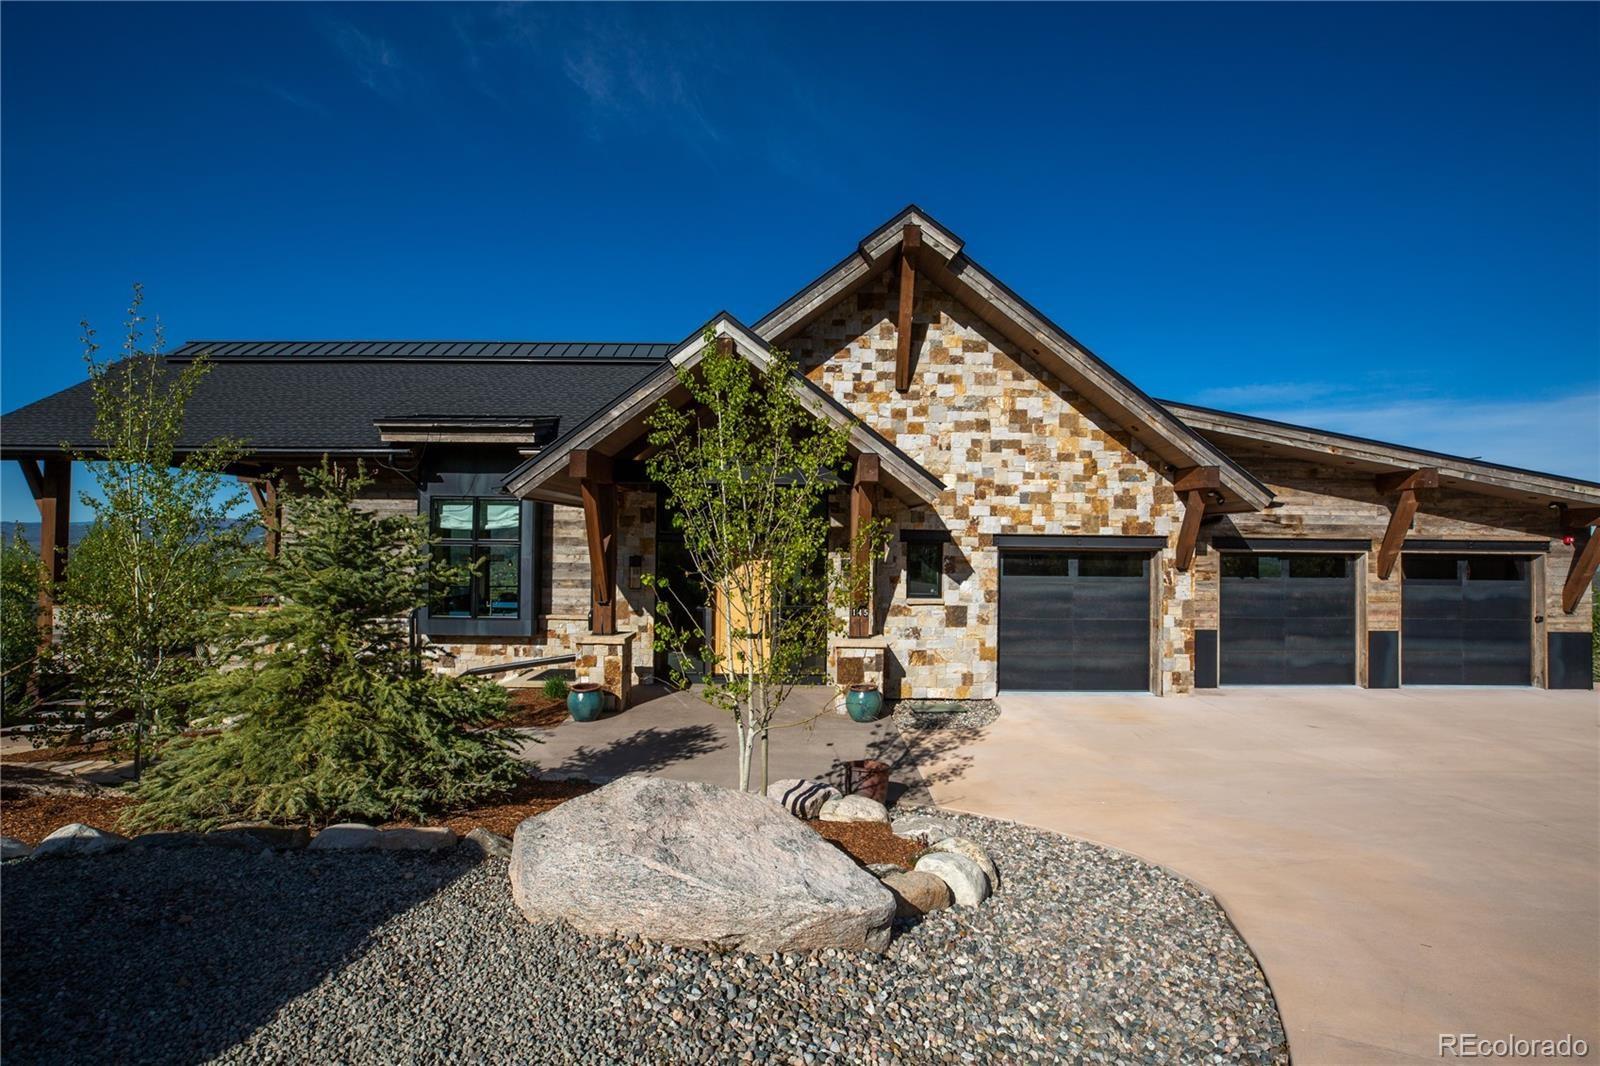 MLS# 5306672 - 8 - 145 Deer Clover Lane, Steamboat Springs, CO 80487